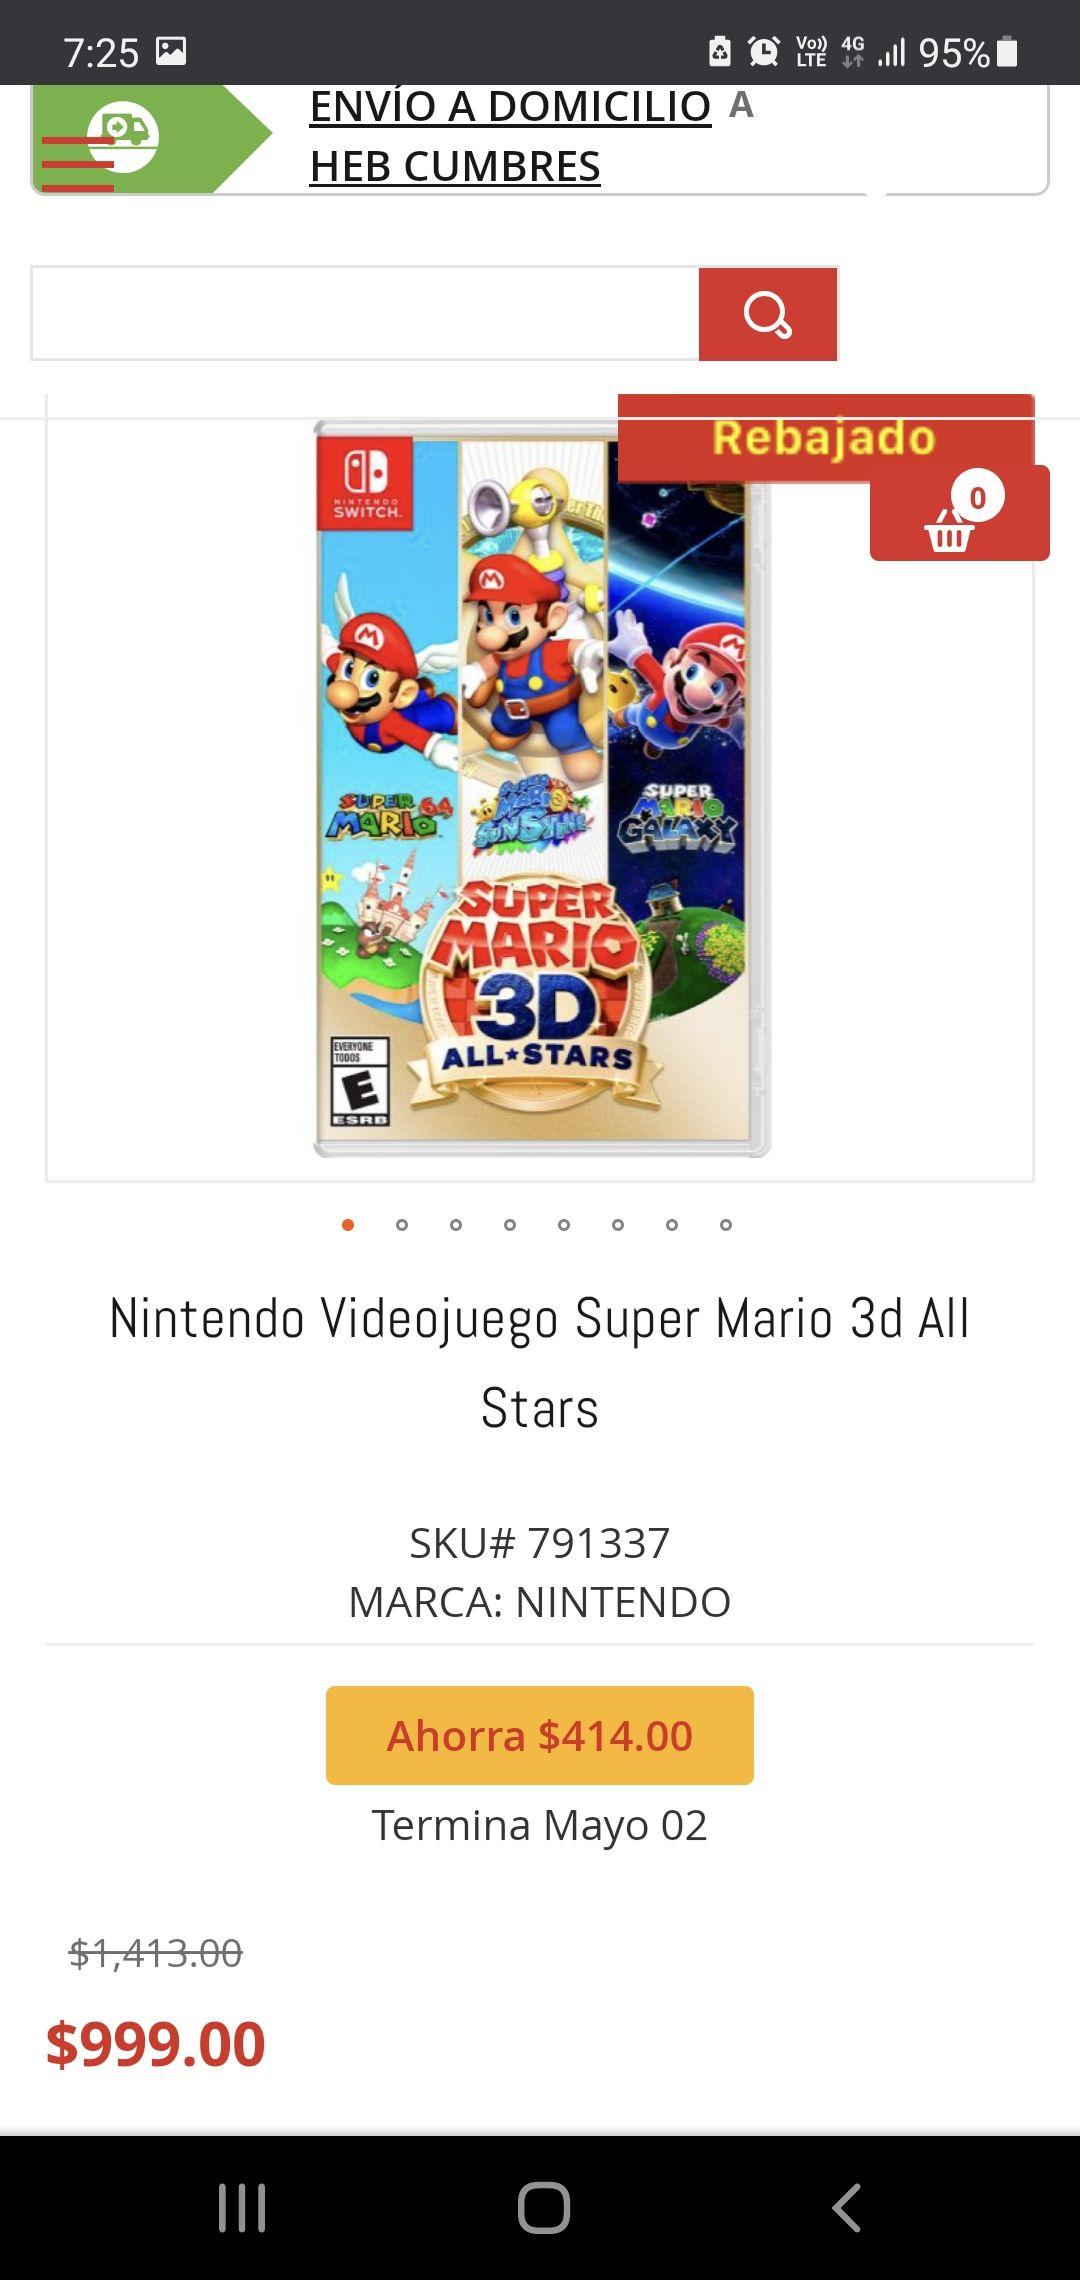 HEB Super Mario 3d All Stars $999 y Mario kart 8 deluxe $1099